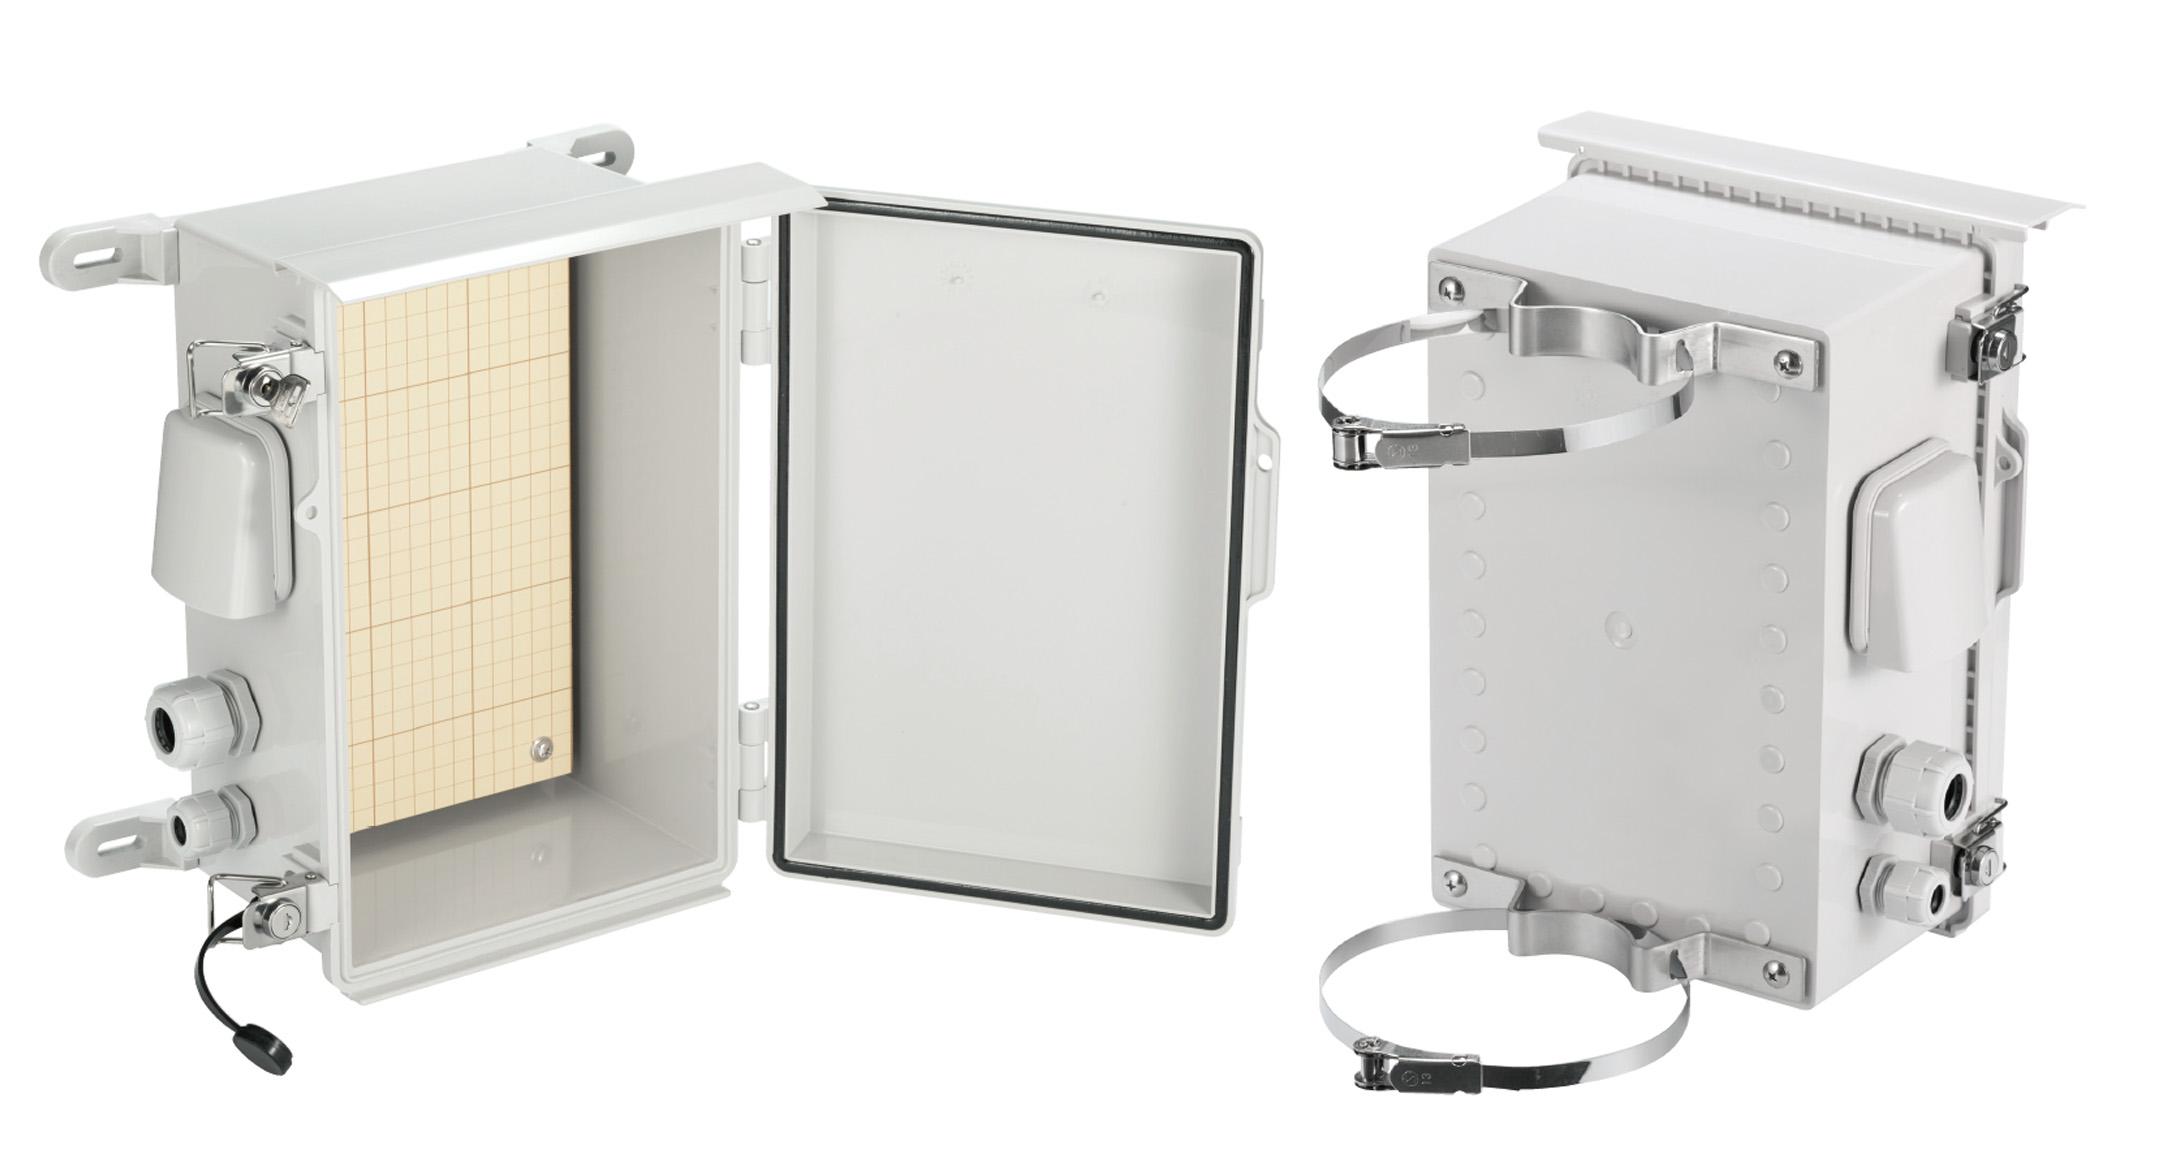 プラボックス 屋外ルーフ付 BCPRシリーズ(ポリカーボネート樹脂製)の画像